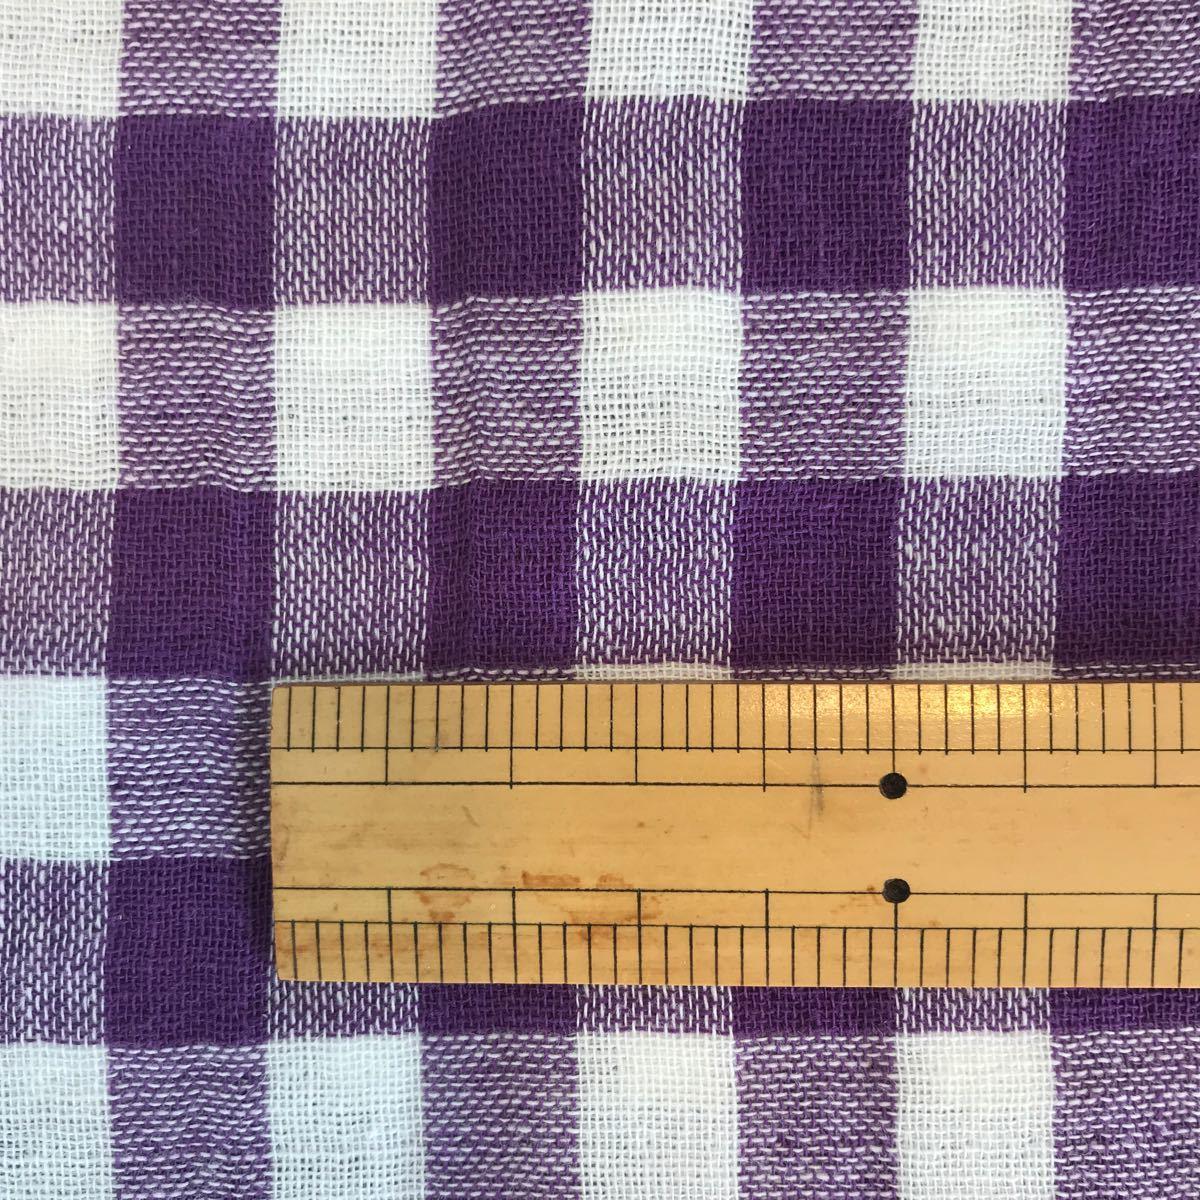 値下げギンガムチェック柄 110 x 200cm 布 裁縫 生地 ダブルガーゼ布